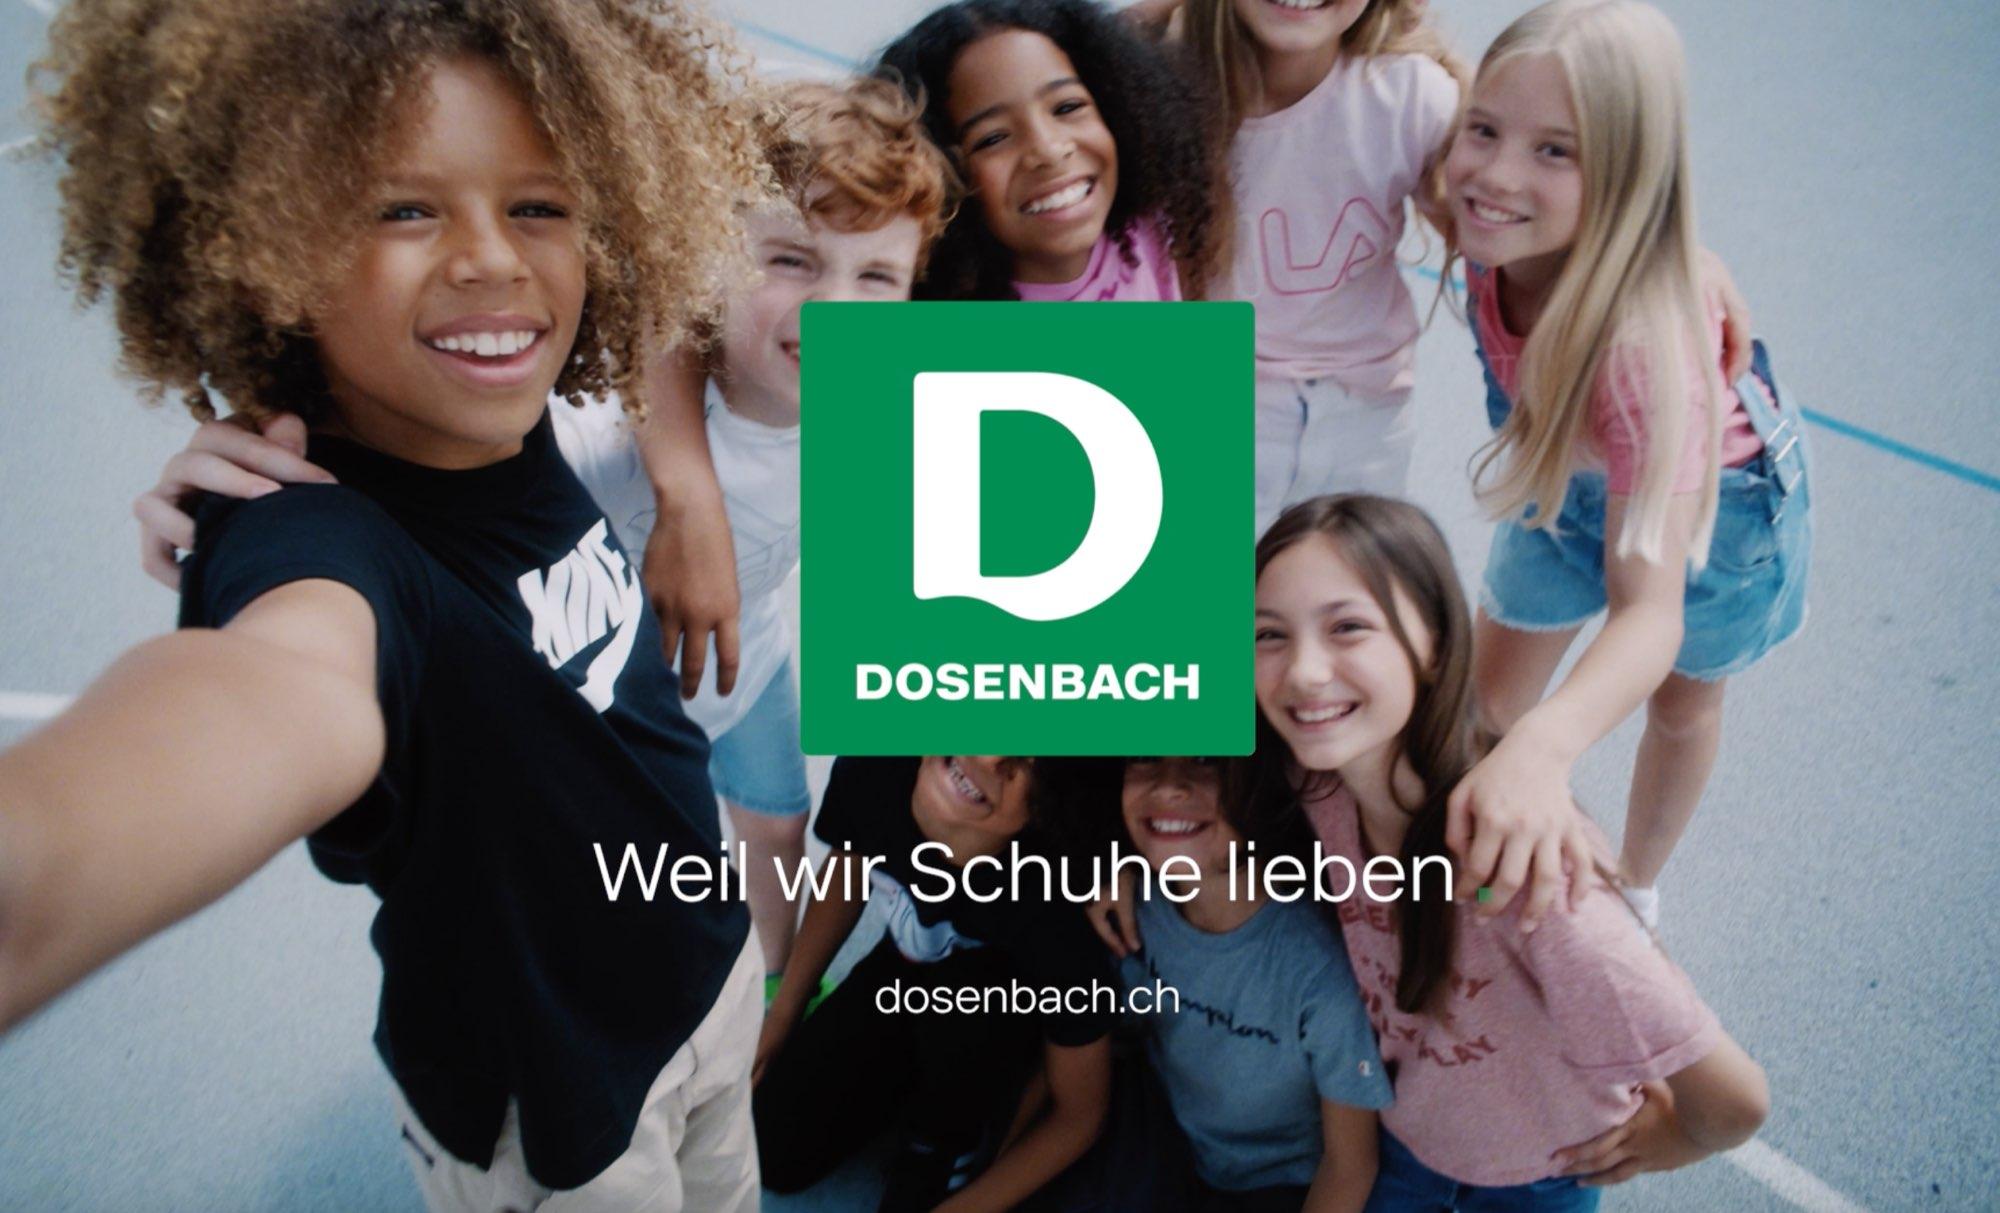 Neue Arbeit von Jesca für Dosenbach back to school! - neue-arbeit-von-jesca-f--r-dosenbach-back-to-school--ID14715-02.jpeg?v=1633508720